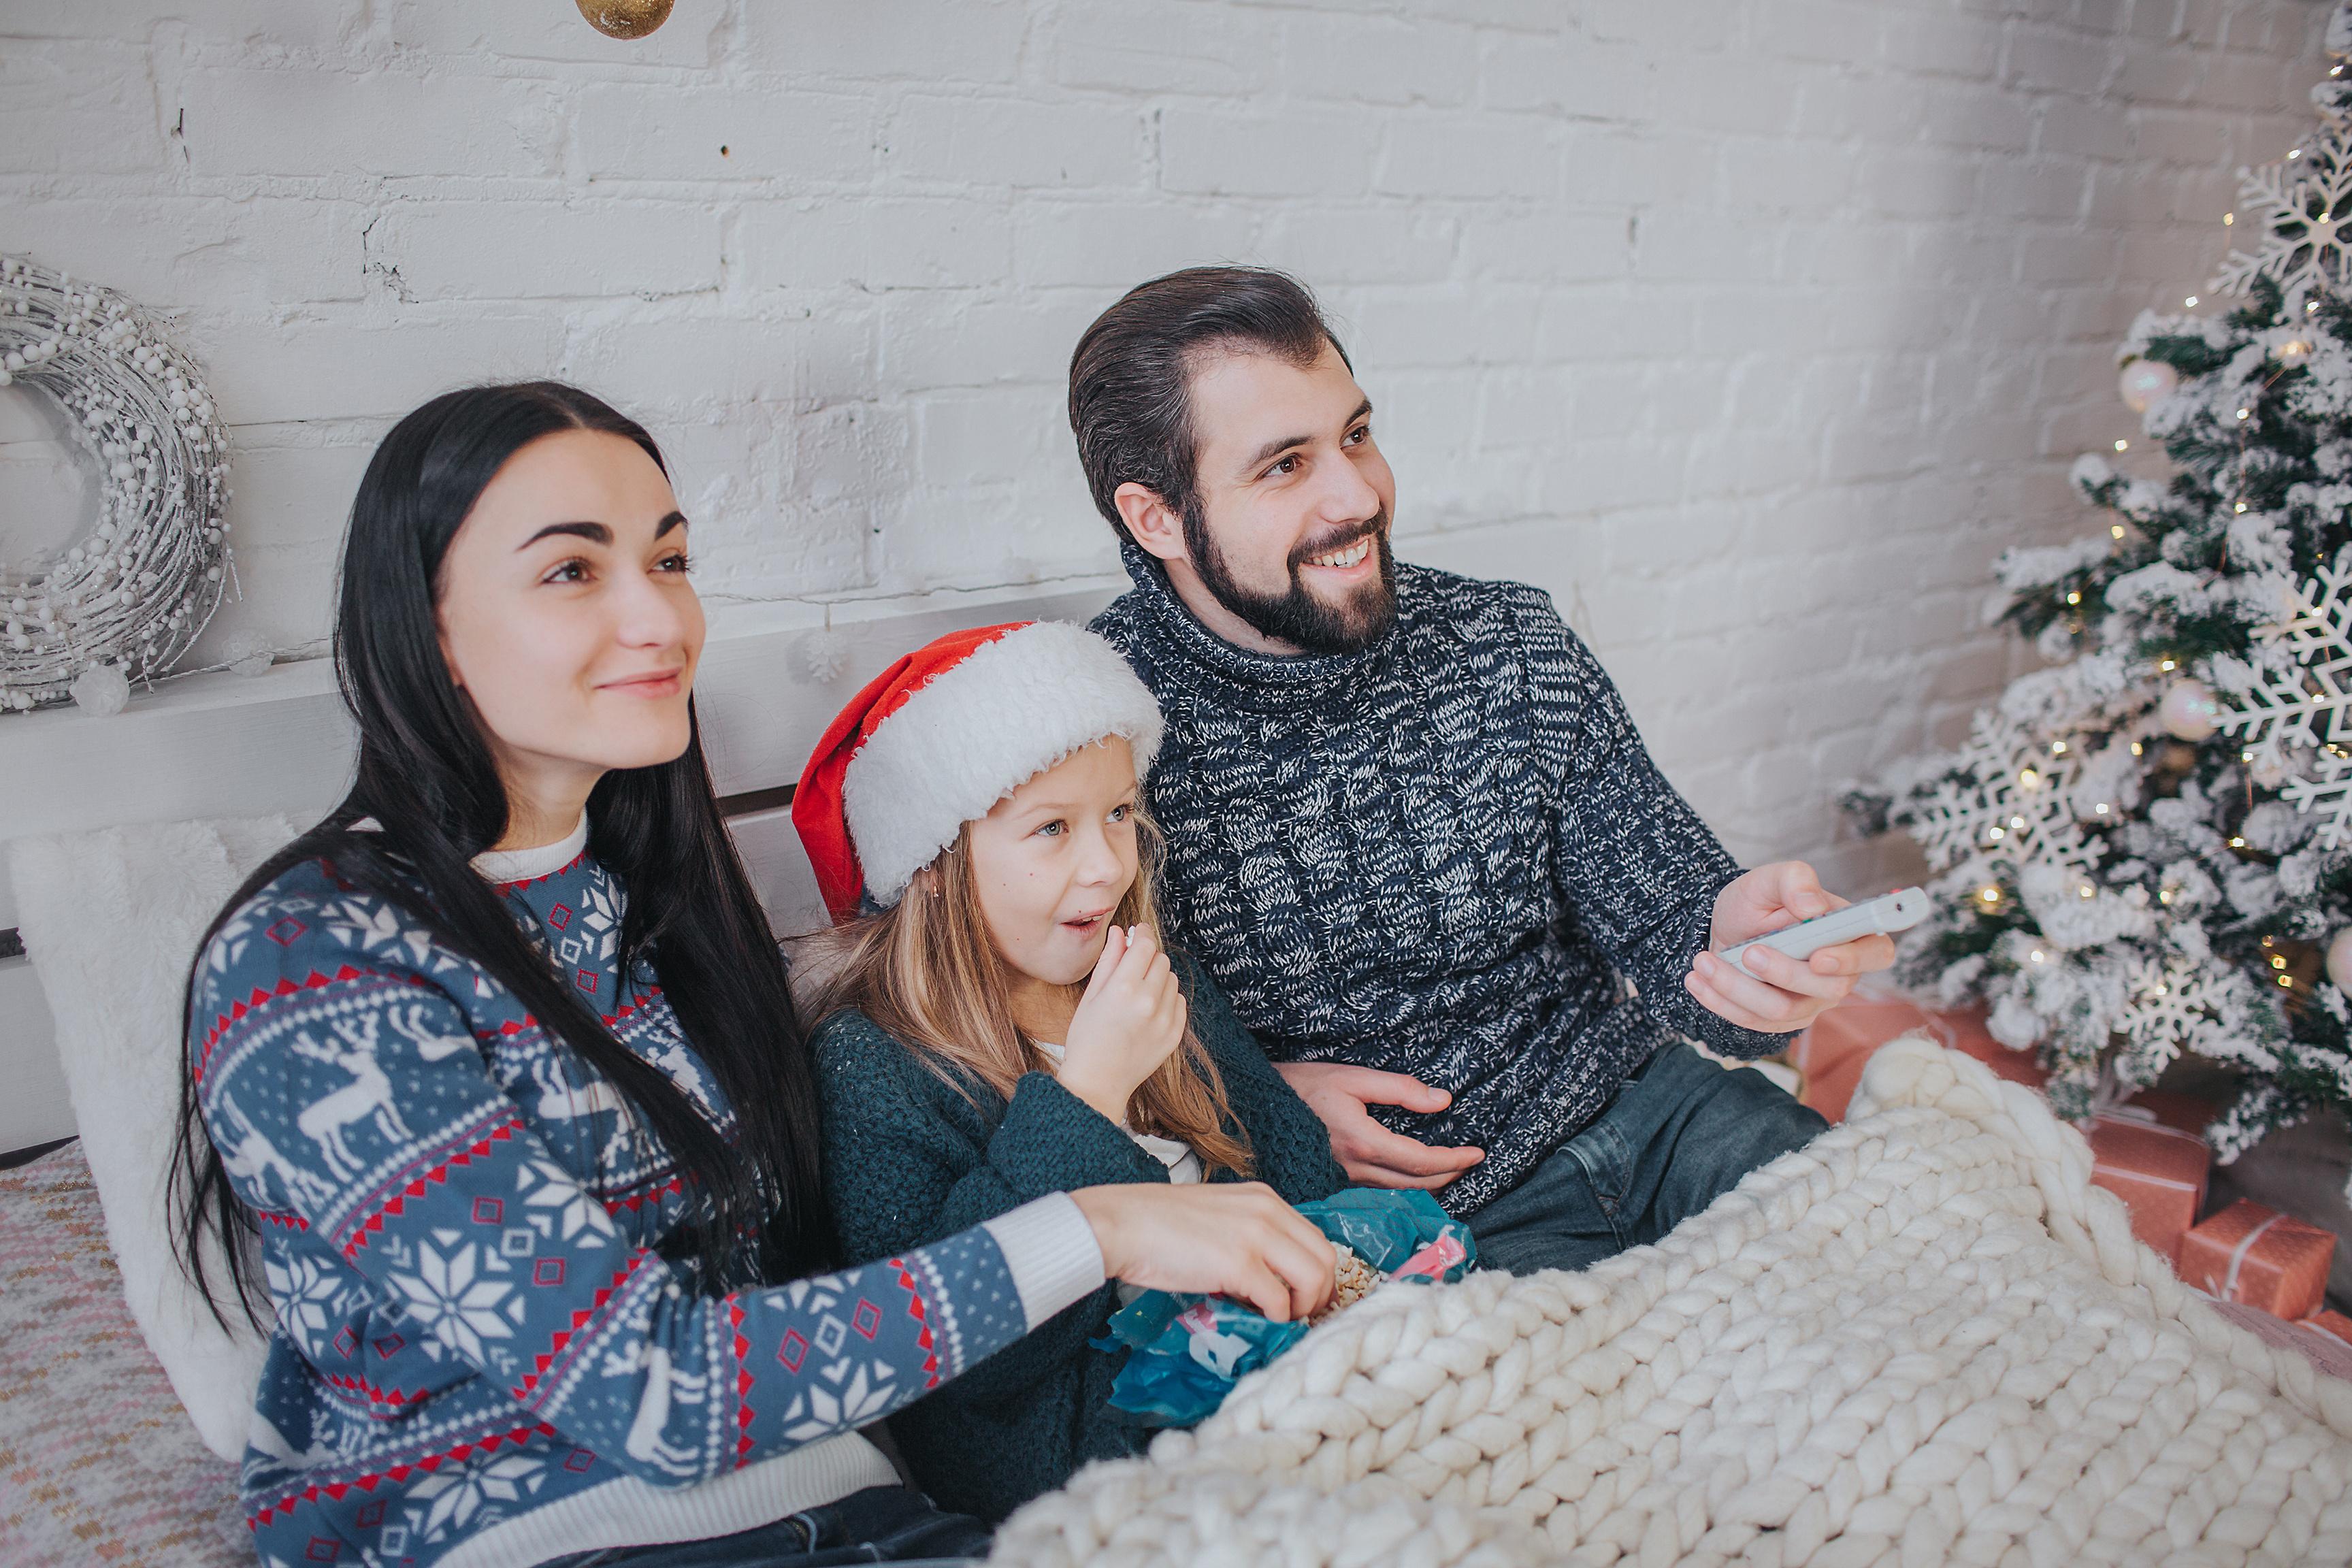 Des films et des animations de Noël en anglais pour les enfants